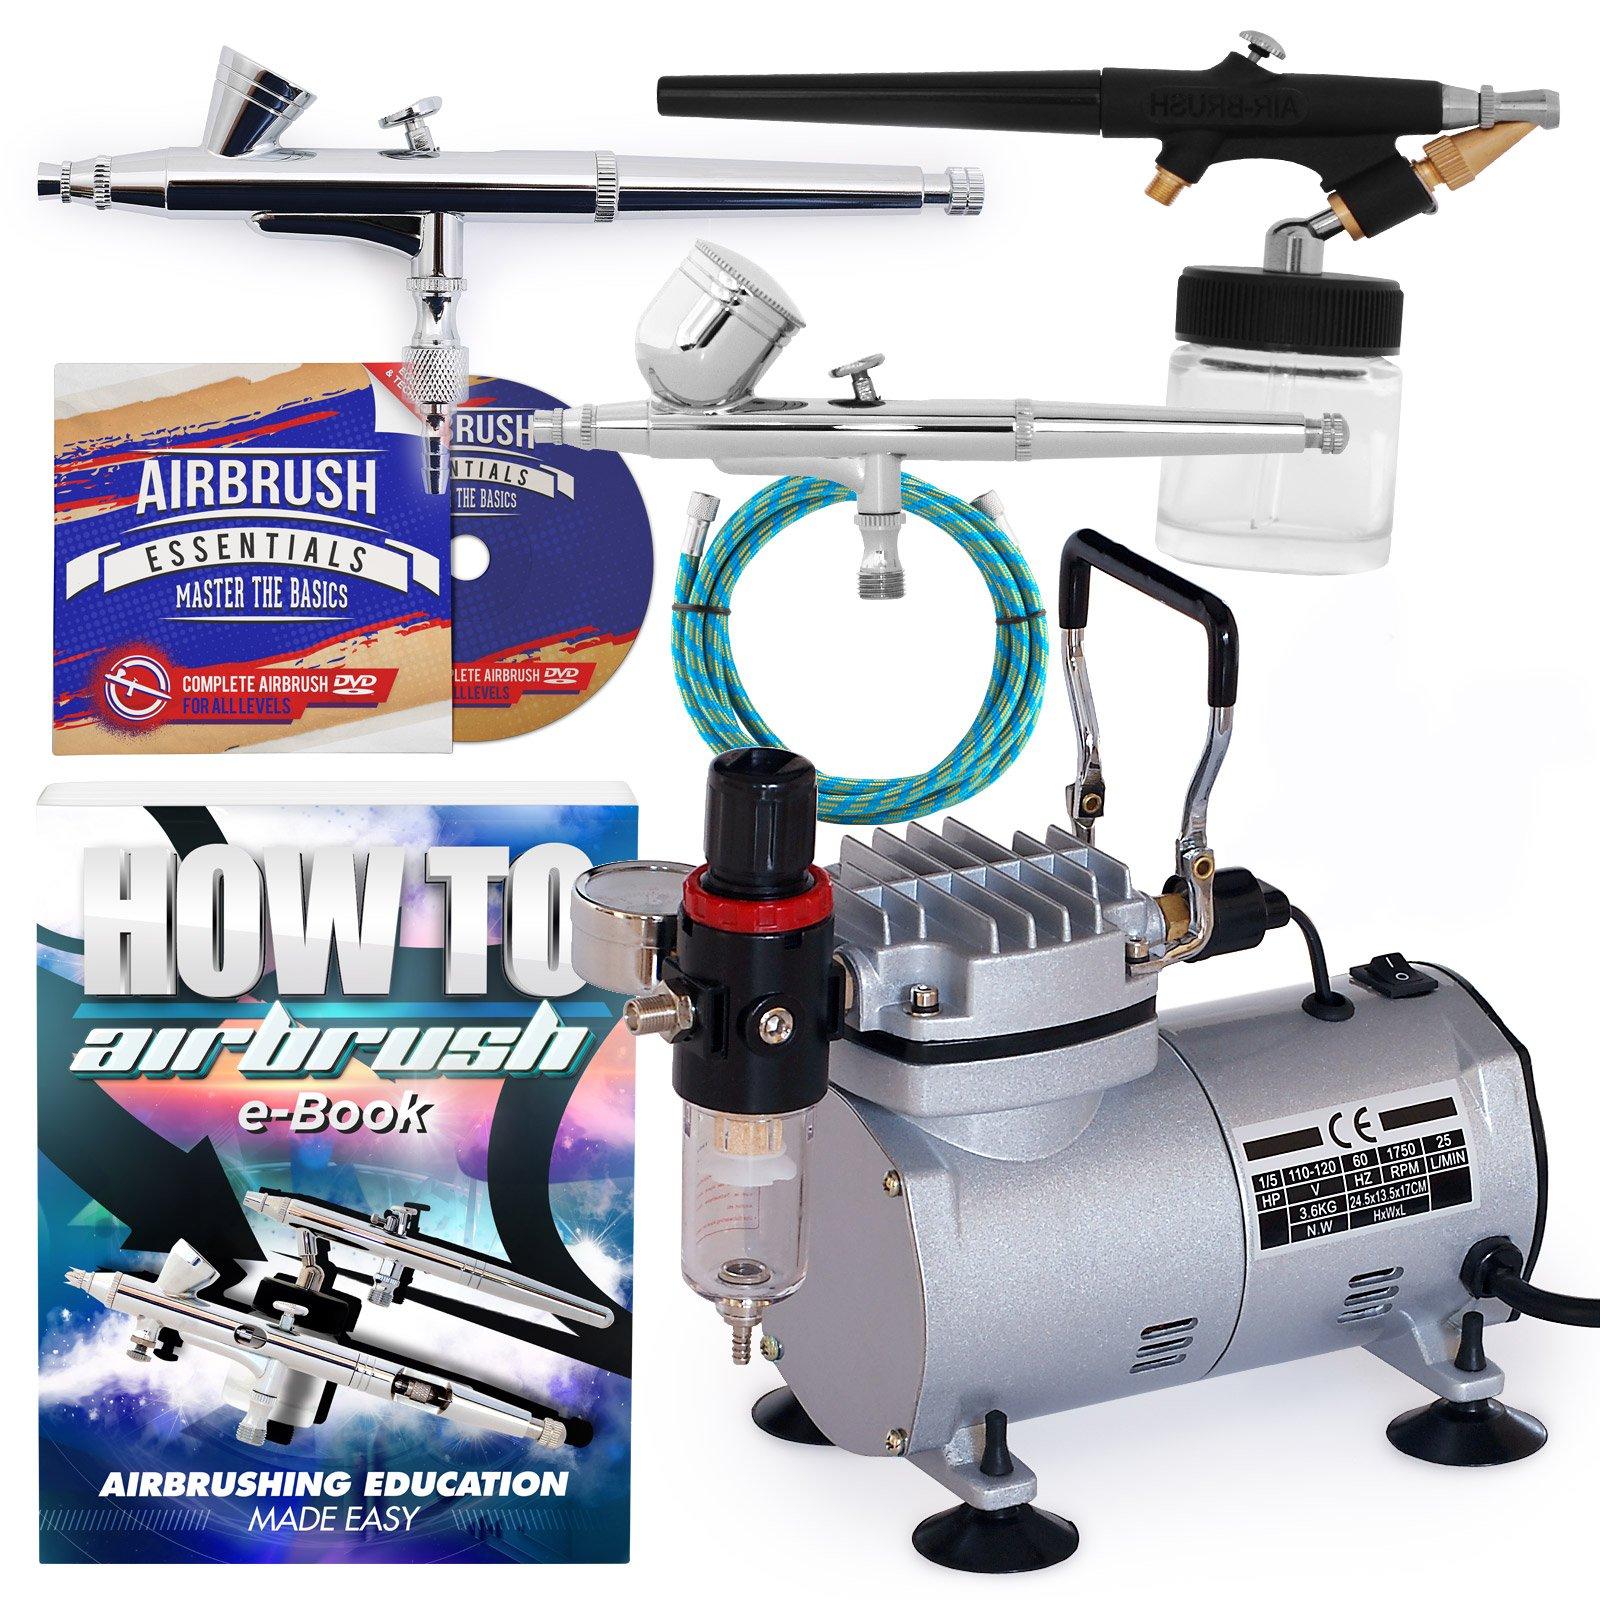 PointZero Airbrush Dual Action Airbrush Kit with 3 Guns by PointZero Airbrush